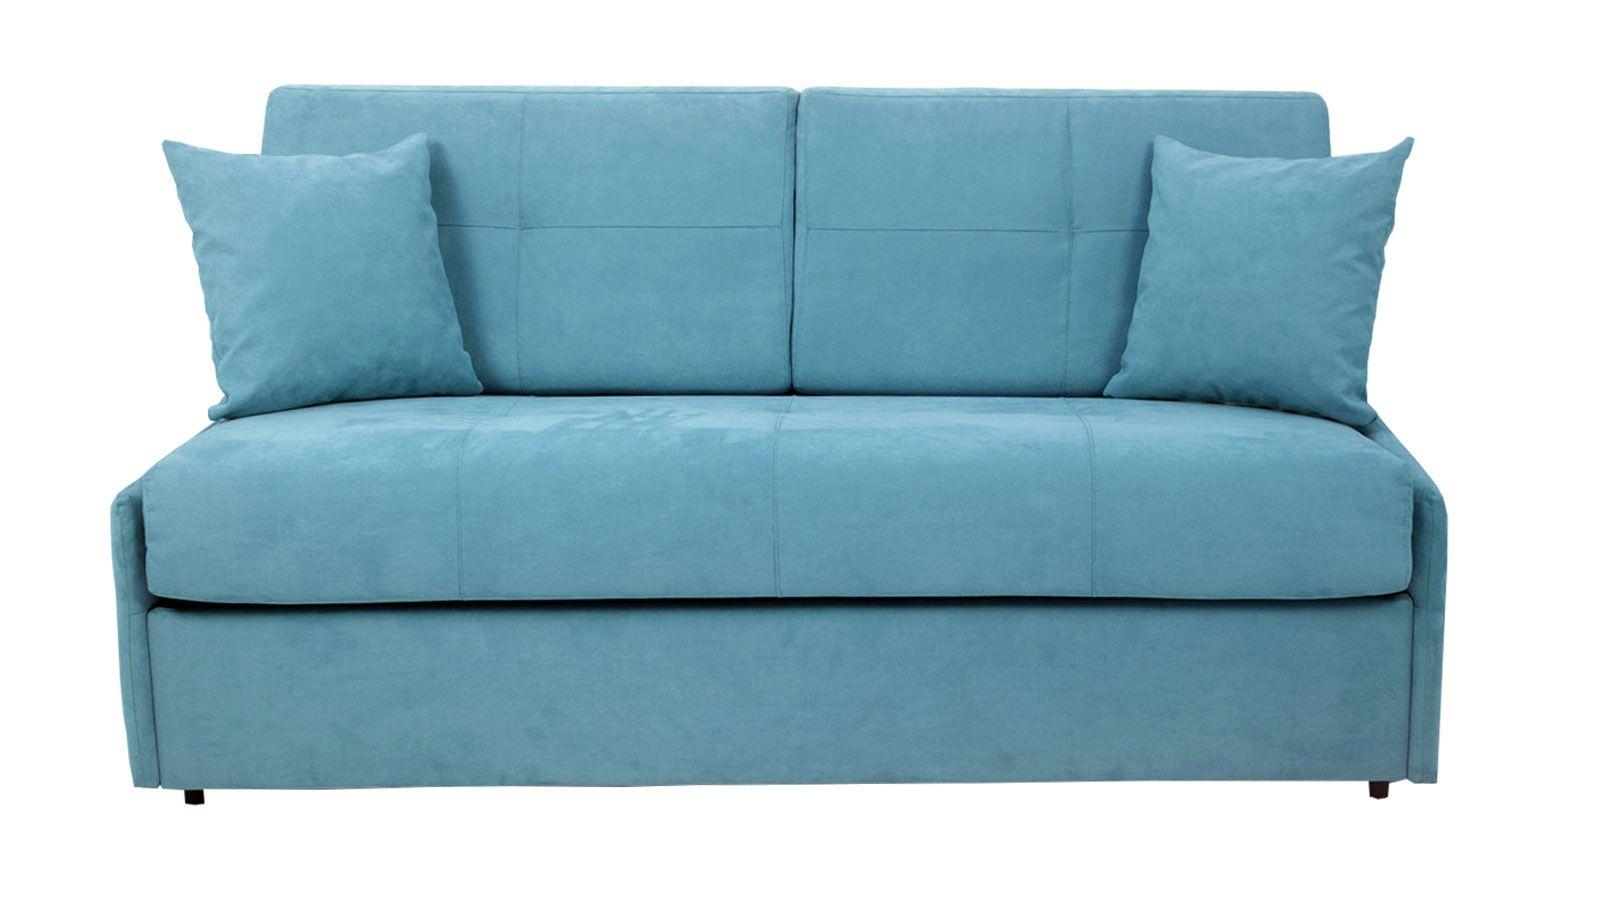 canap clic clac couchage quotidien maison et mobilier d 39 int rieur. Black Bedroom Furniture Sets. Home Design Ideas